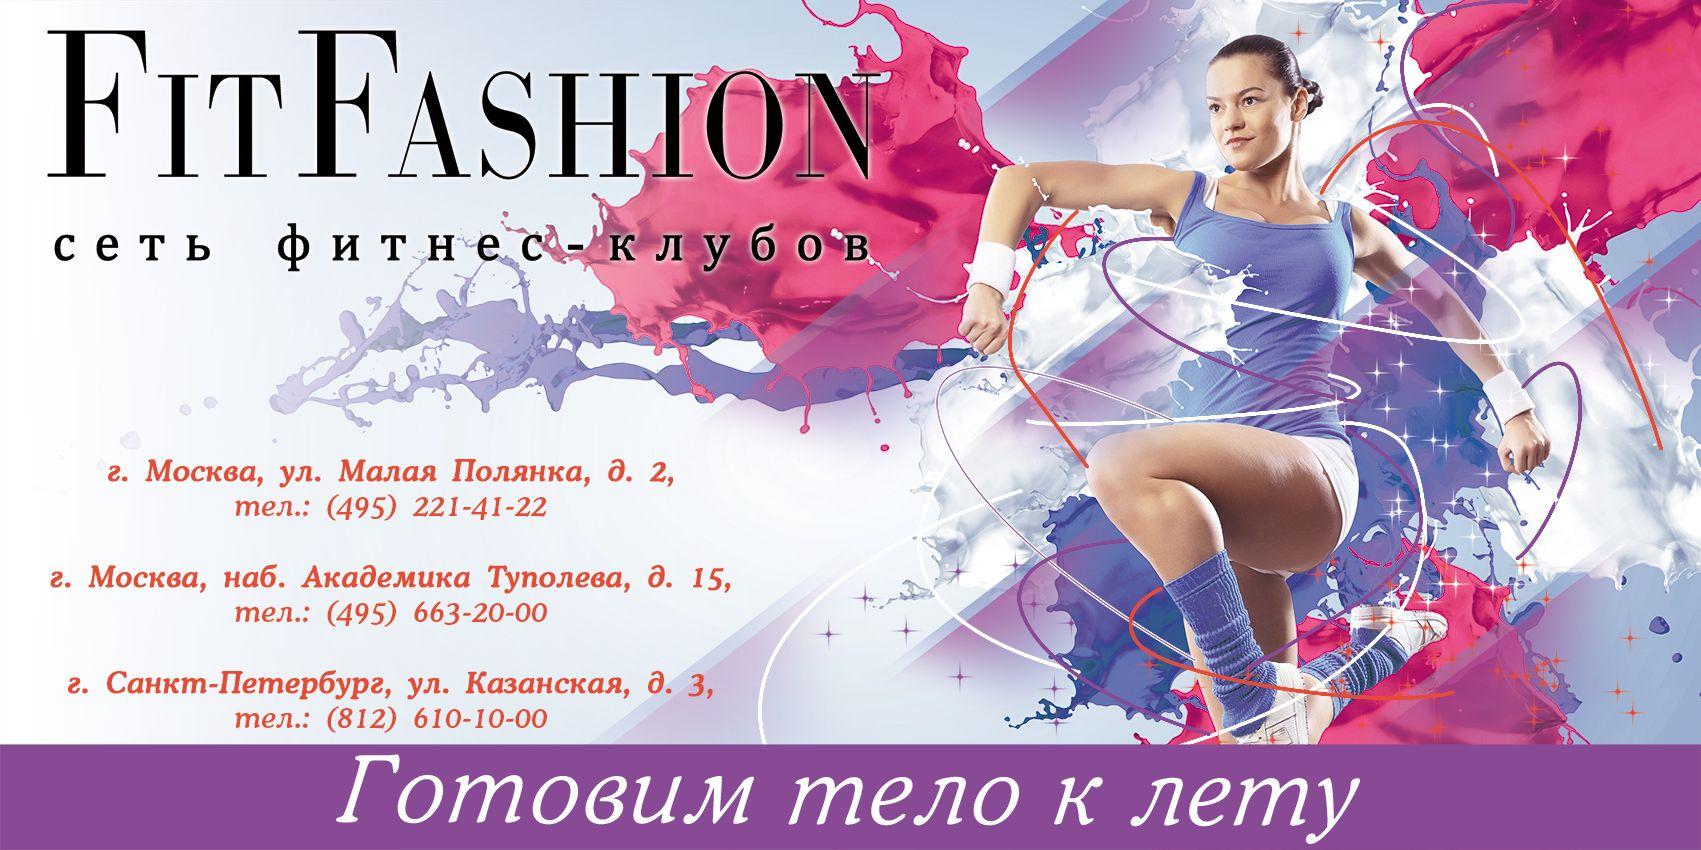 Дизайн наружной рекламы фитнес-клуба - дизайнер Natalia_SG